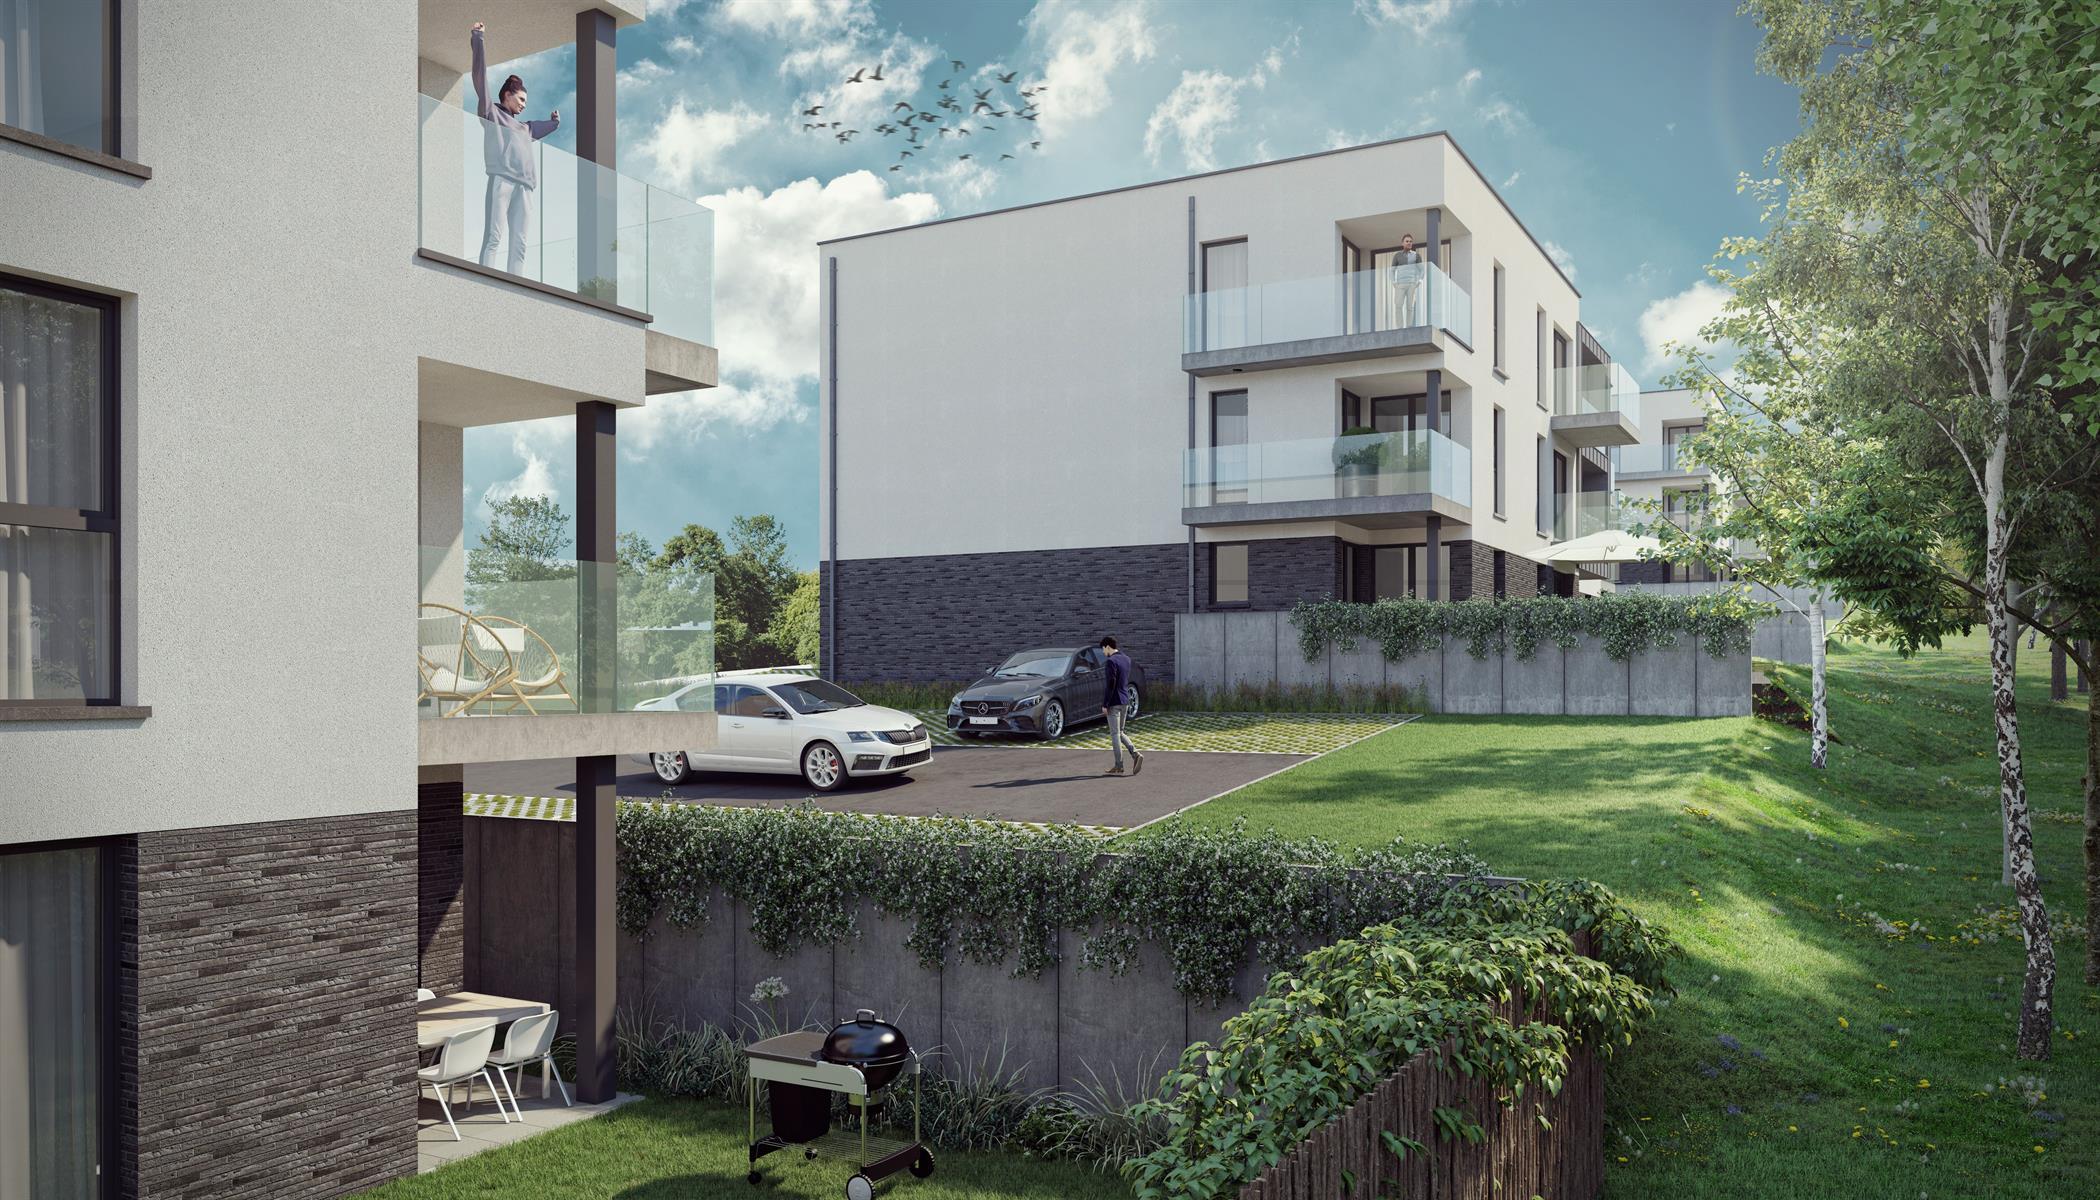 Ground floor with garden - Flemalle - #4197040-40